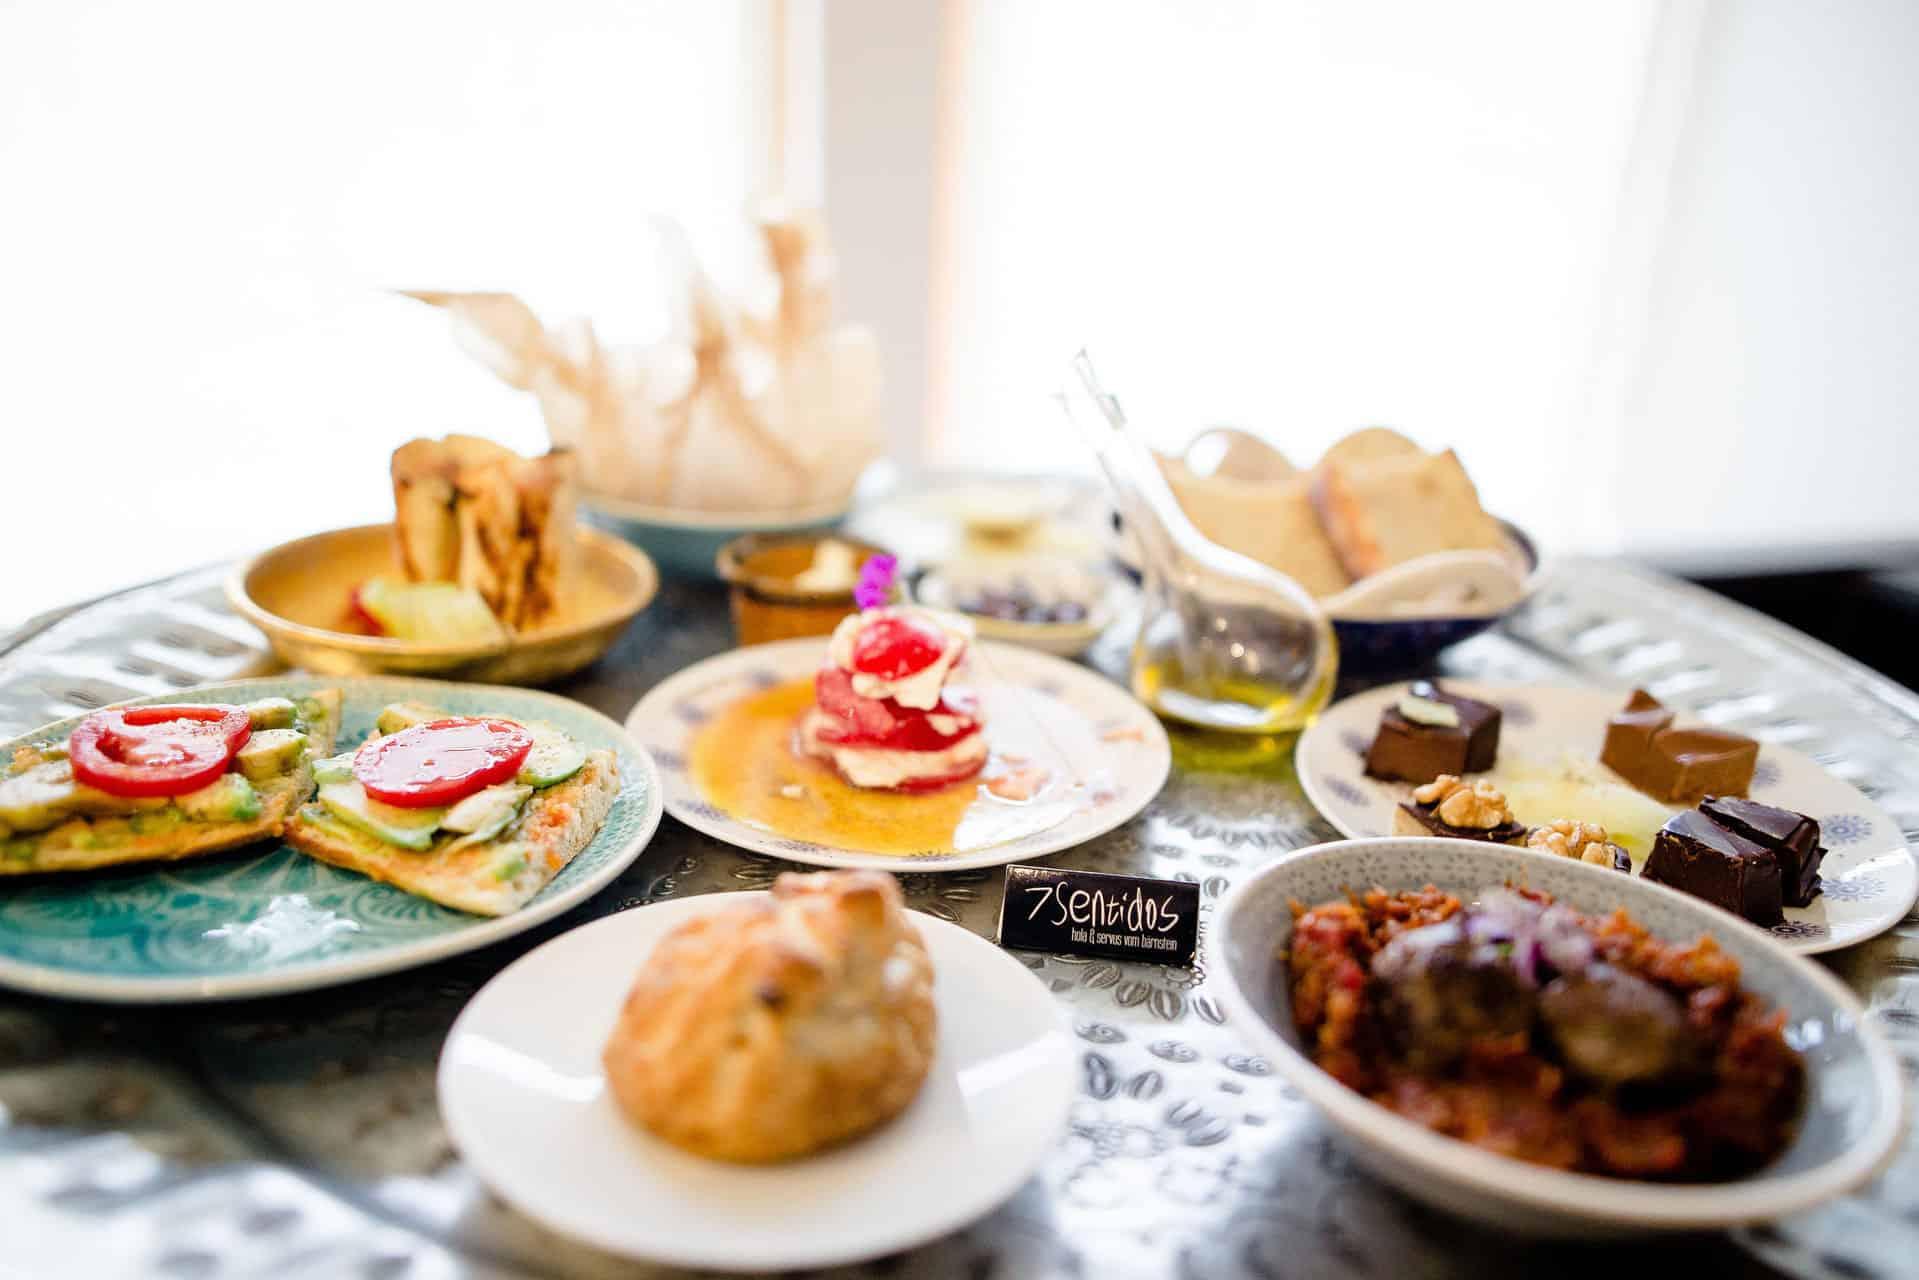 Vegetarisches Gourmet Frühstück im 7 Sentidos © Bio Hotel 7 Sentidos